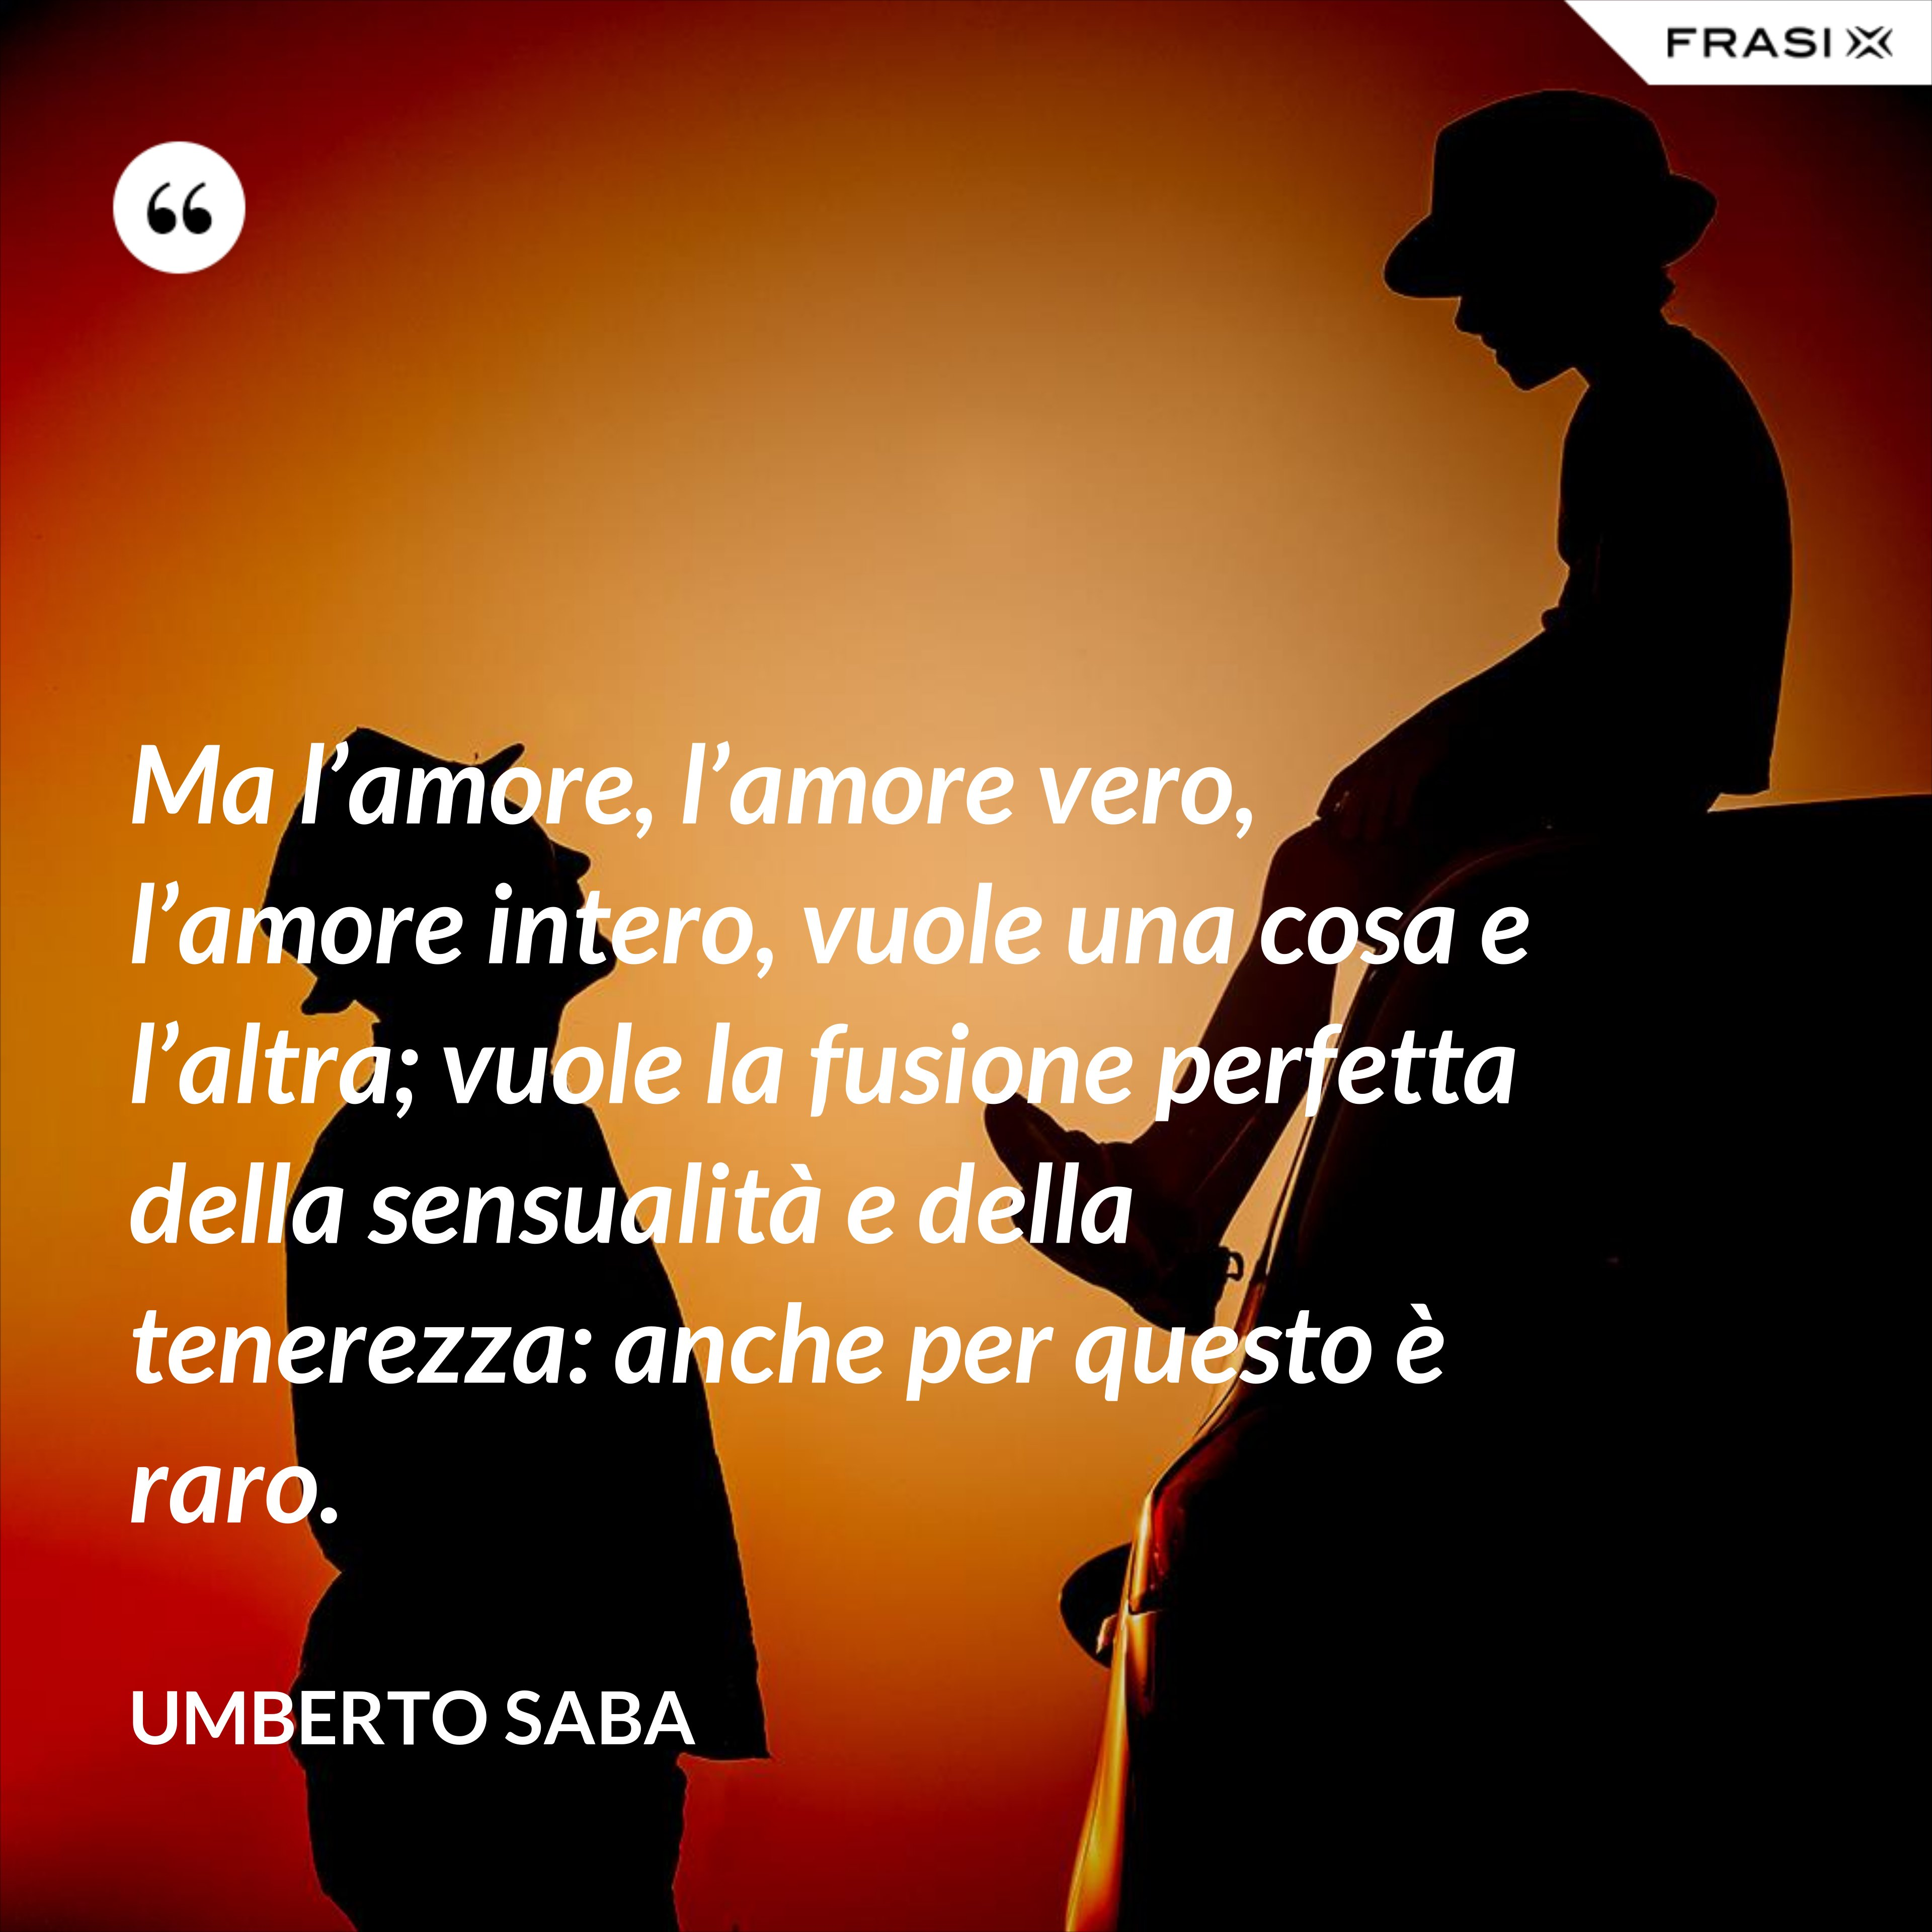 Ma l'amore, l'amore vero, l'amore intero, vuole una cosa e l'altra; vuole la fusione perfetta della sensualità e della tenerezza: anche per questo è raro. - Umberto Saba